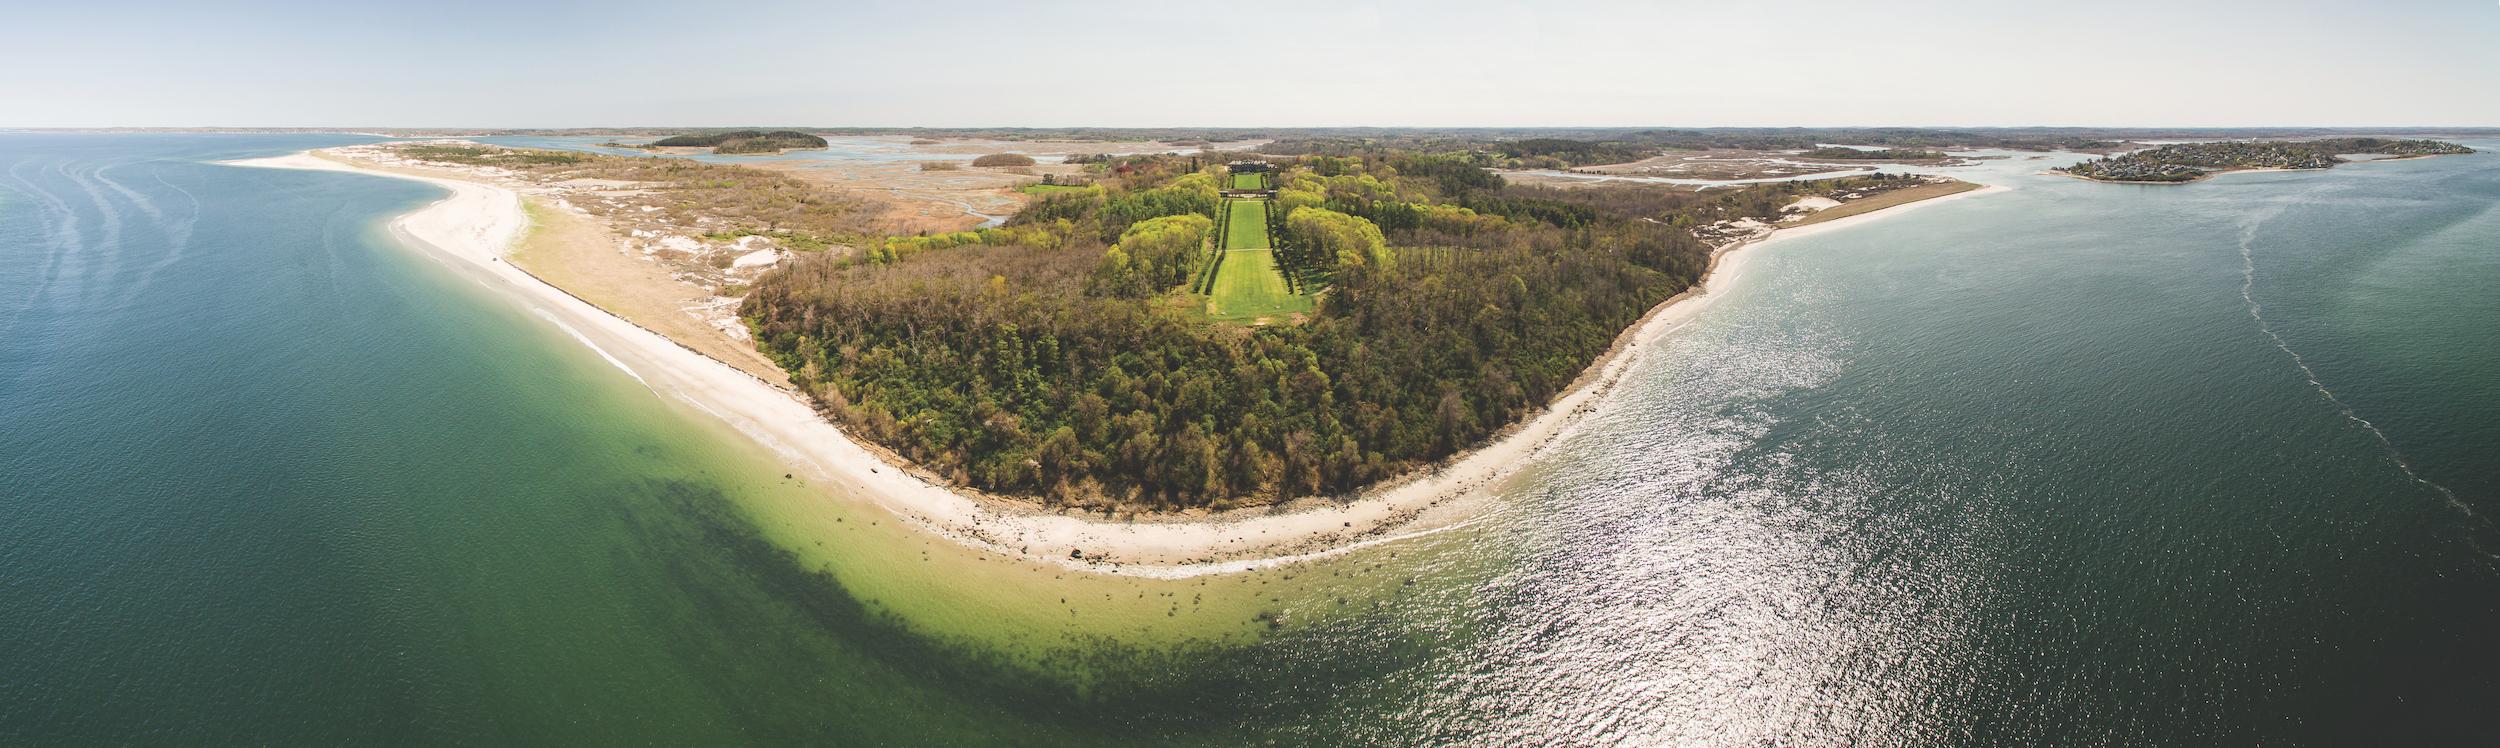 Crane Beach panorama